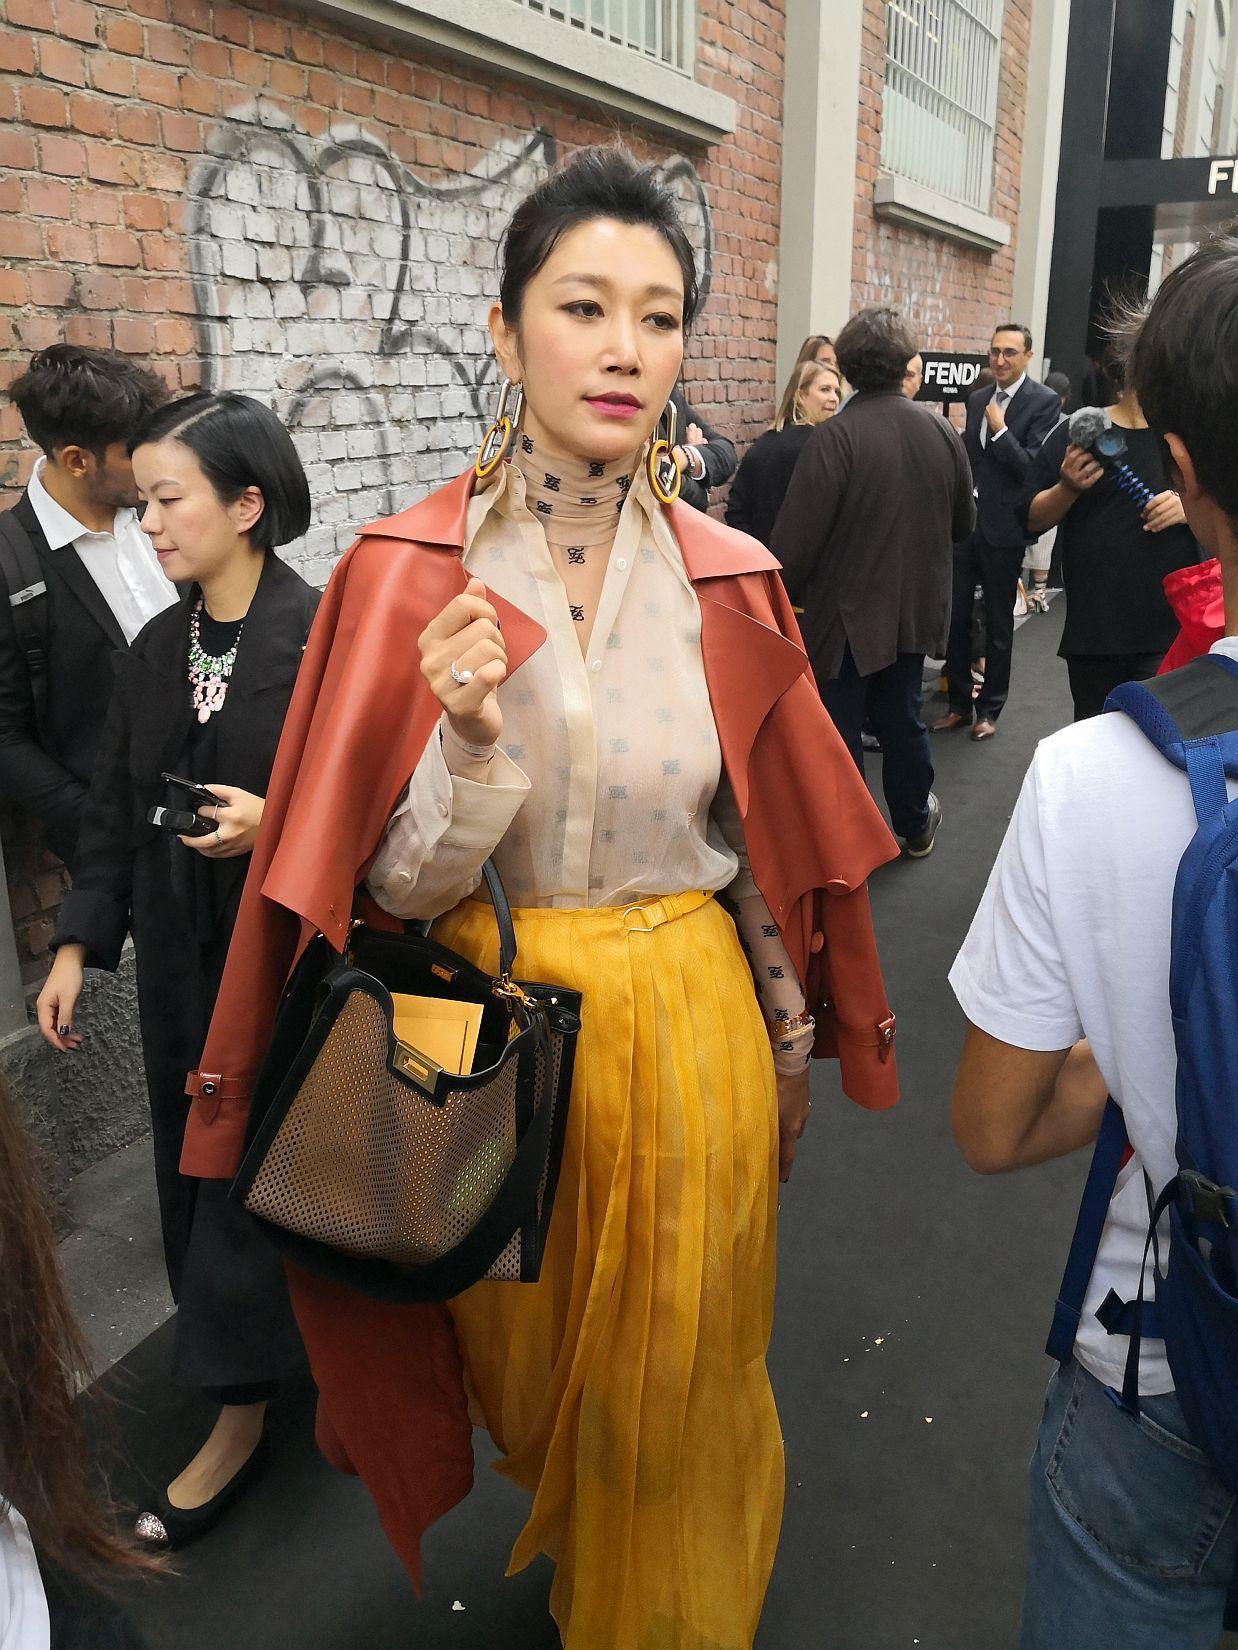 Fendi_Milan-Fashion-Week_street-style_spring-2020_september-2019_13